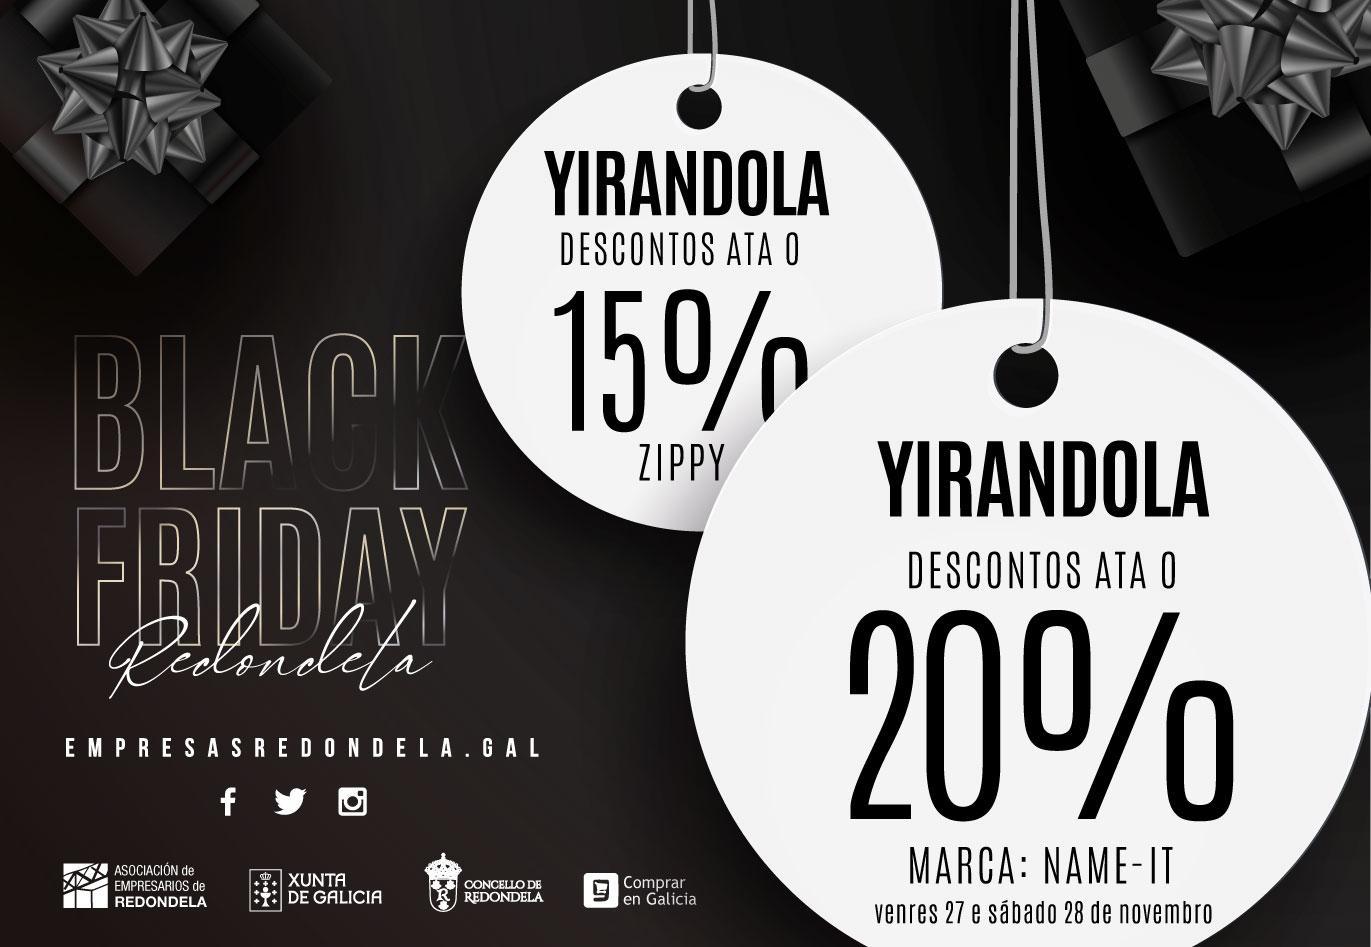 YIRANDOLA.jpg